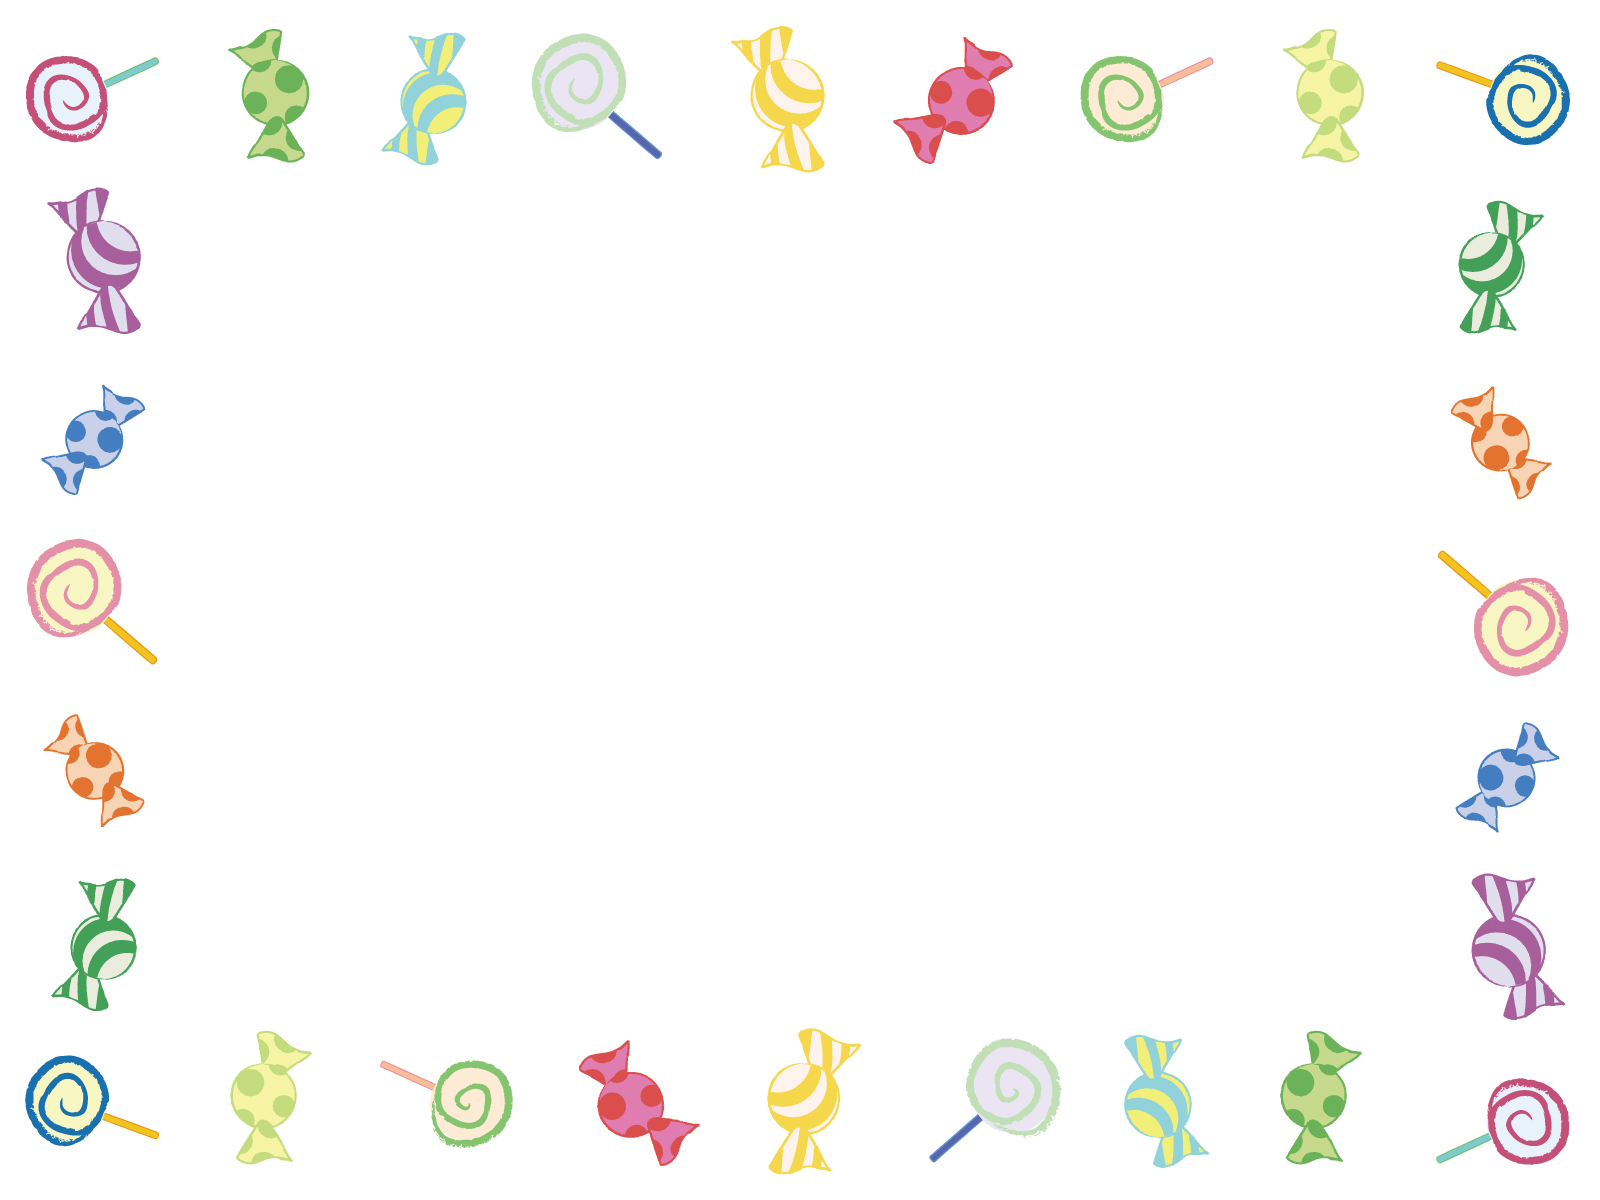 ハロウィンのお菓子の無料フリーイラスト画像12選 無料イラストサイトまとめ 育児ネット